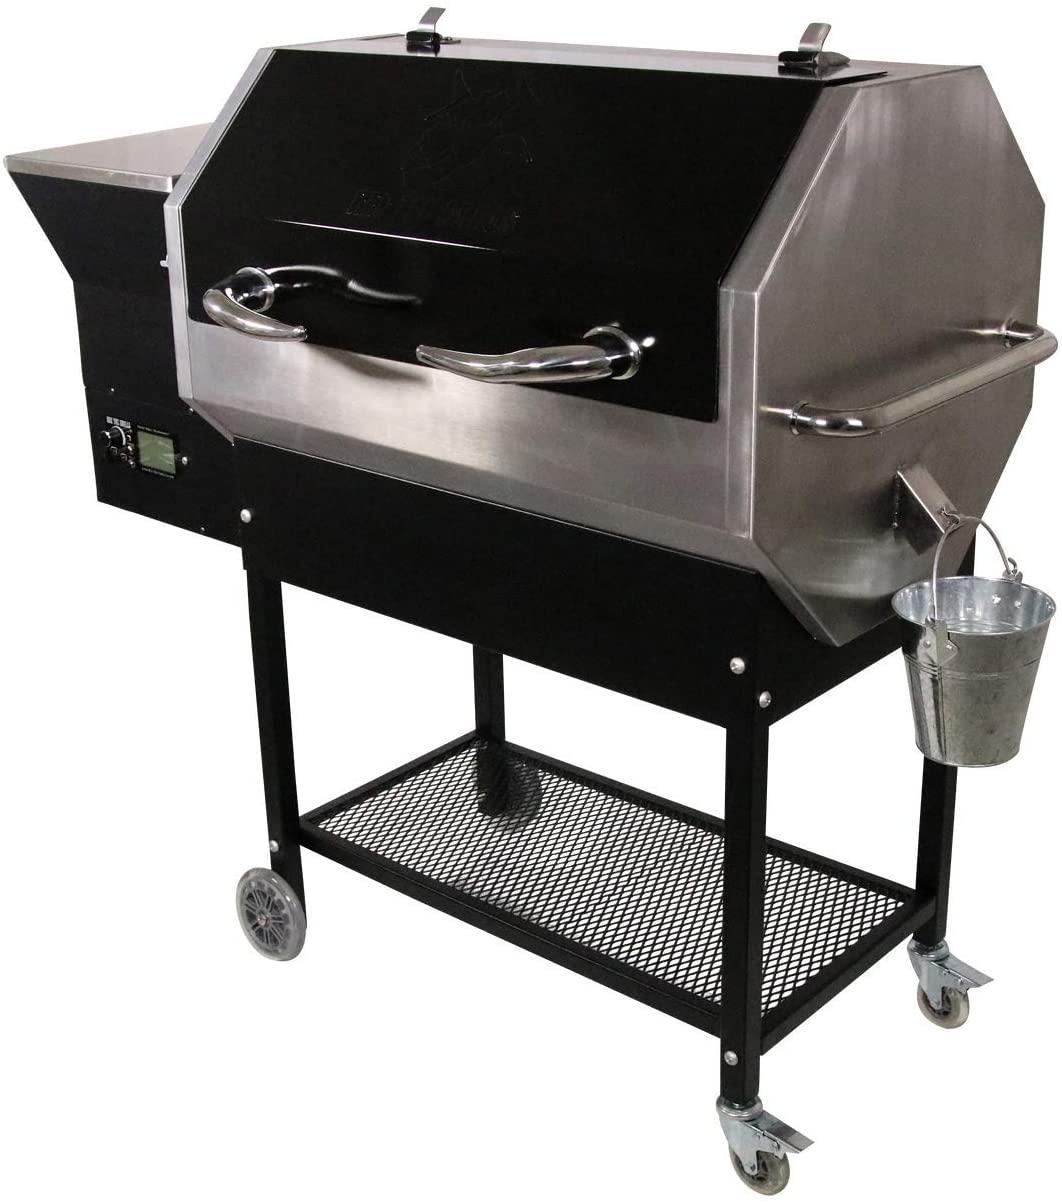 REC TEC Grills RT-590 Bundle